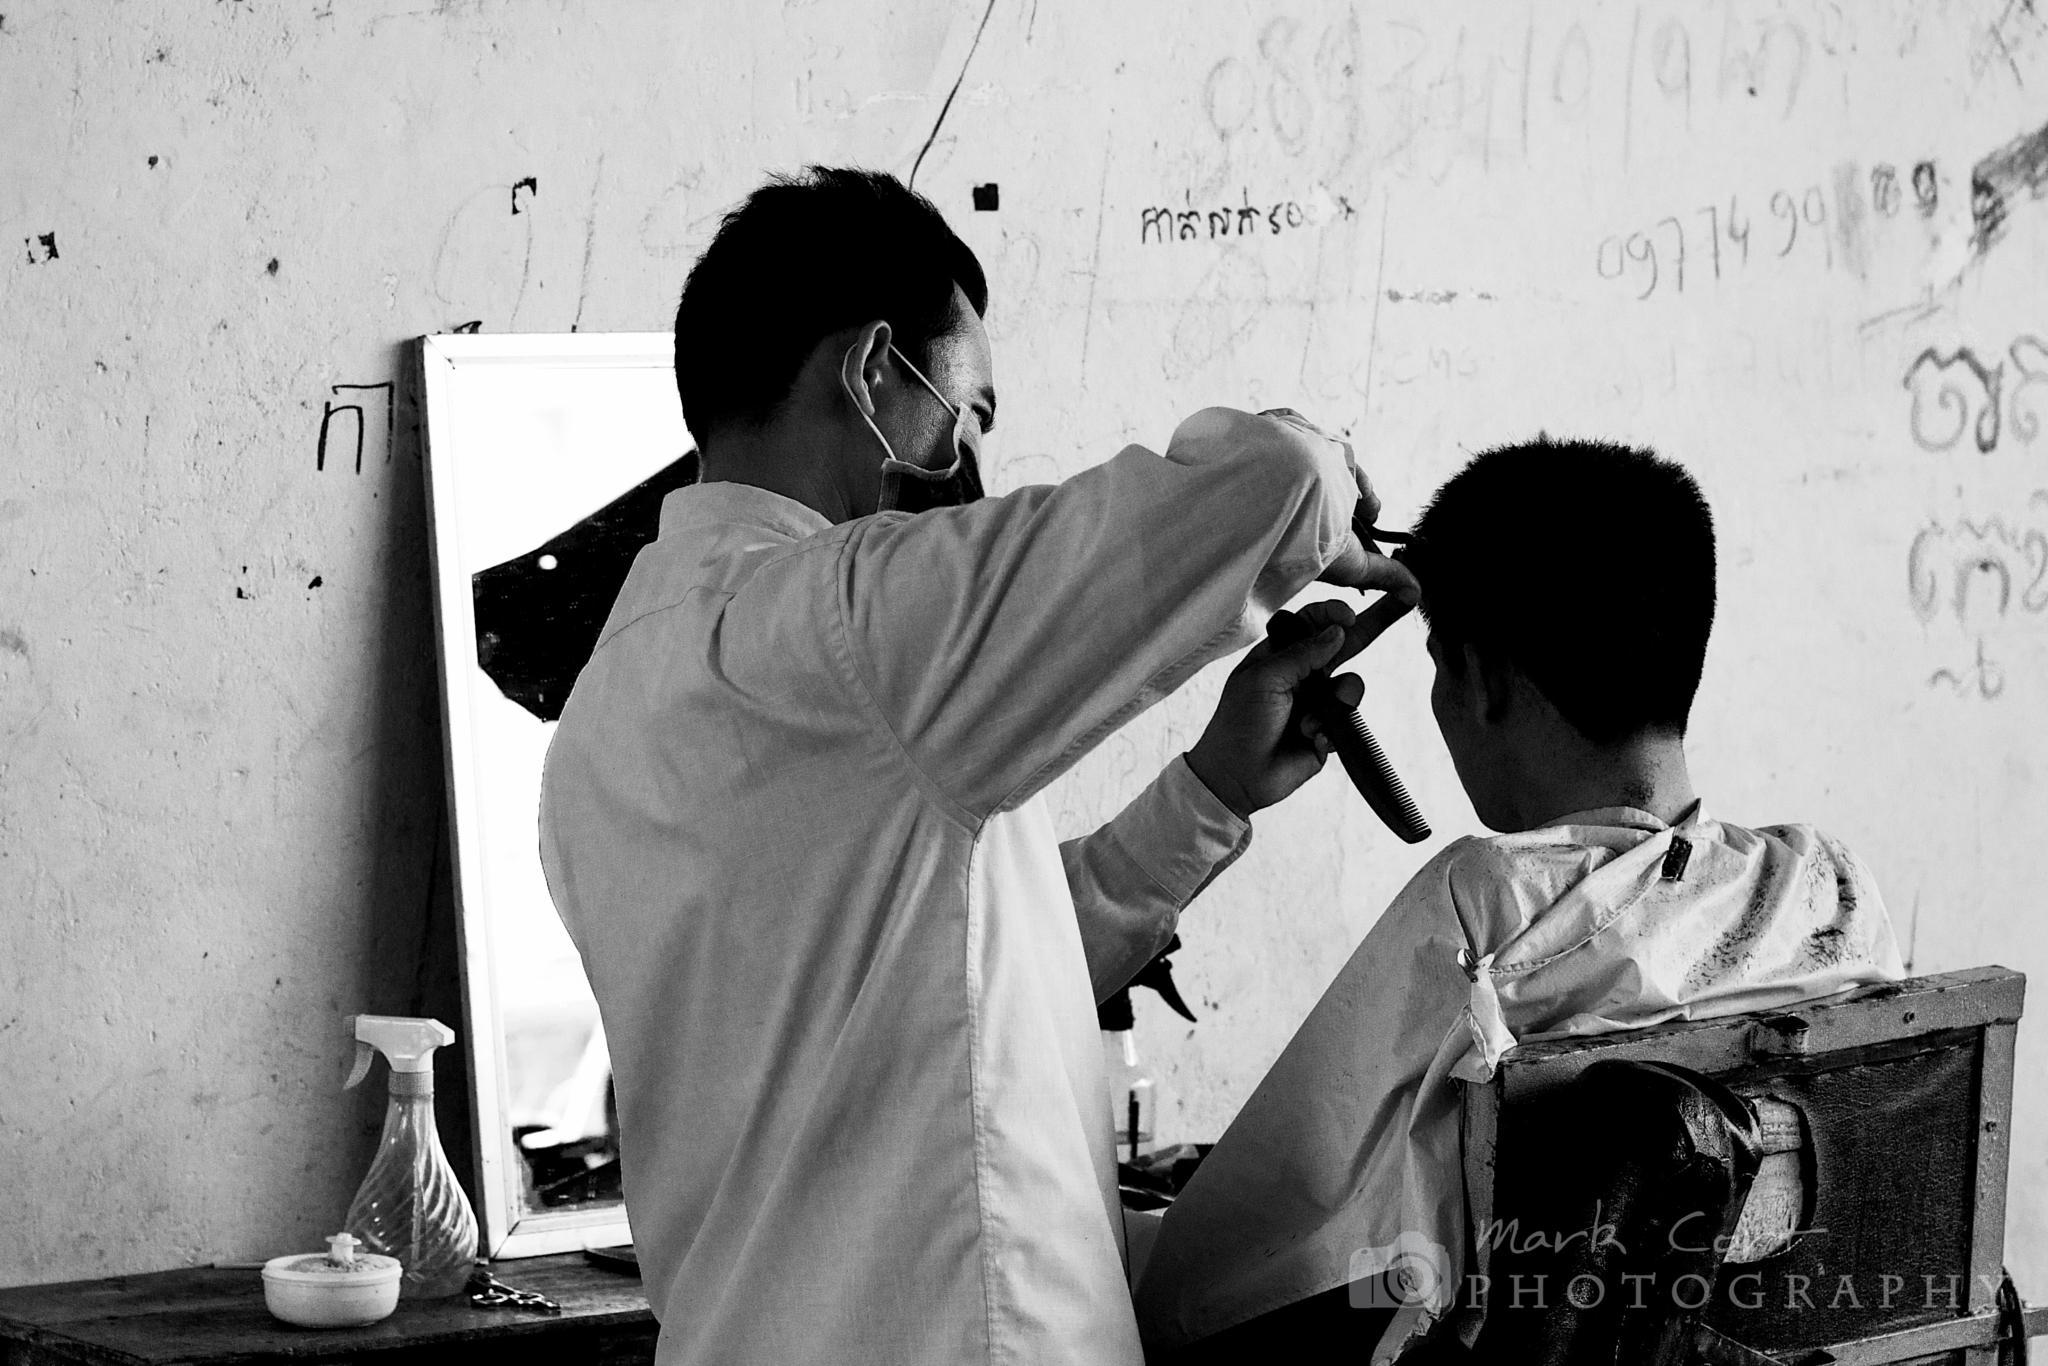 Haircut Sir? by Mark Cort